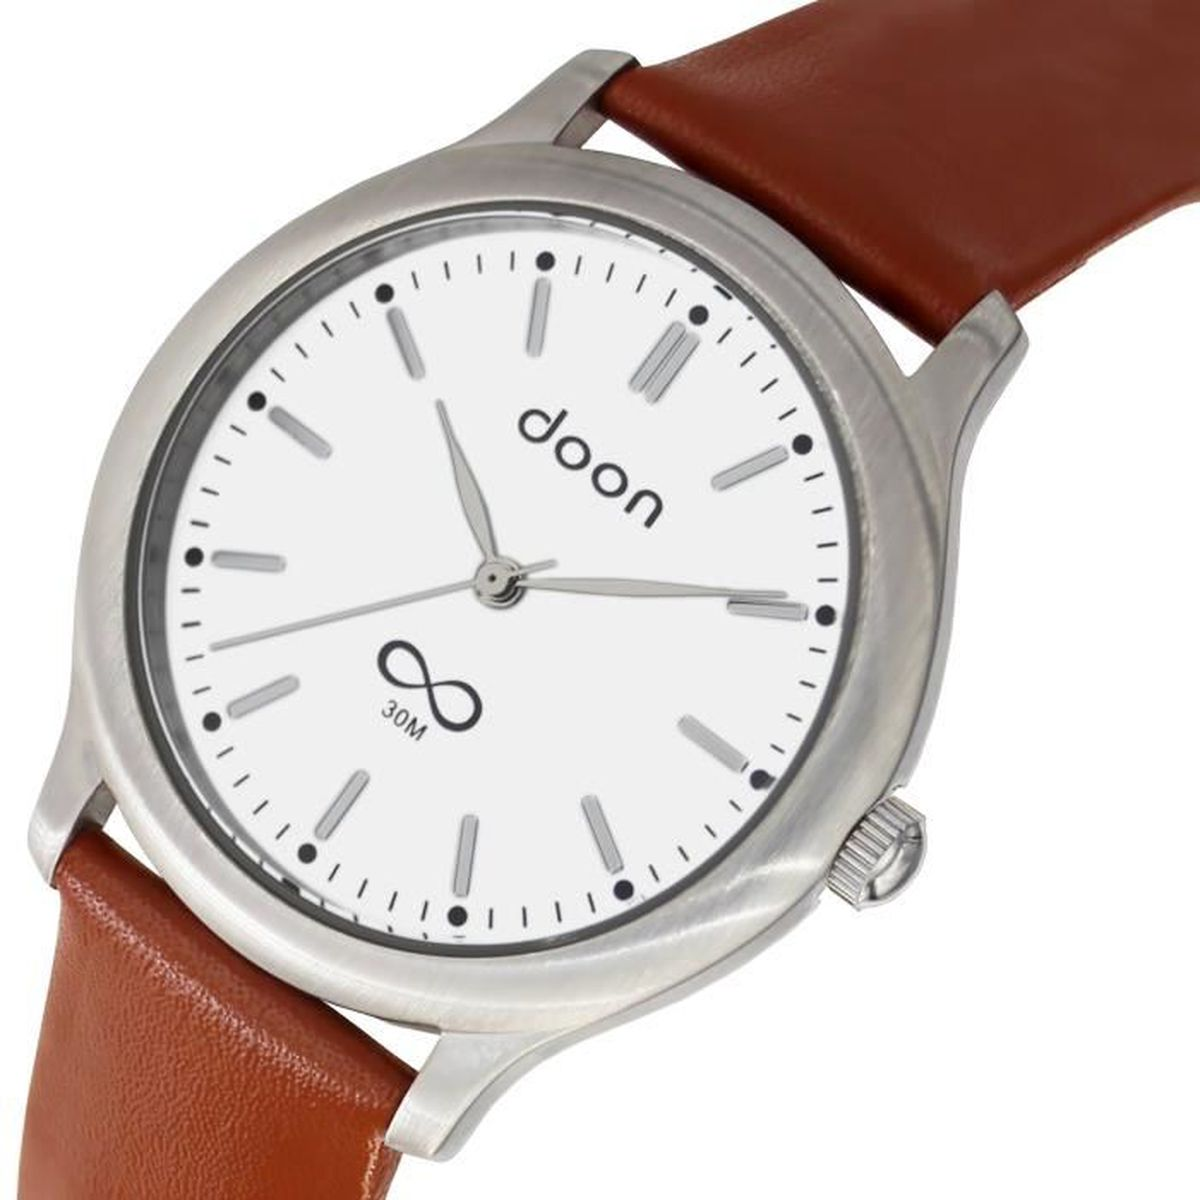 Montre homme blanc bracelet marron - Achat   Vente pas cher c85e5edaf78